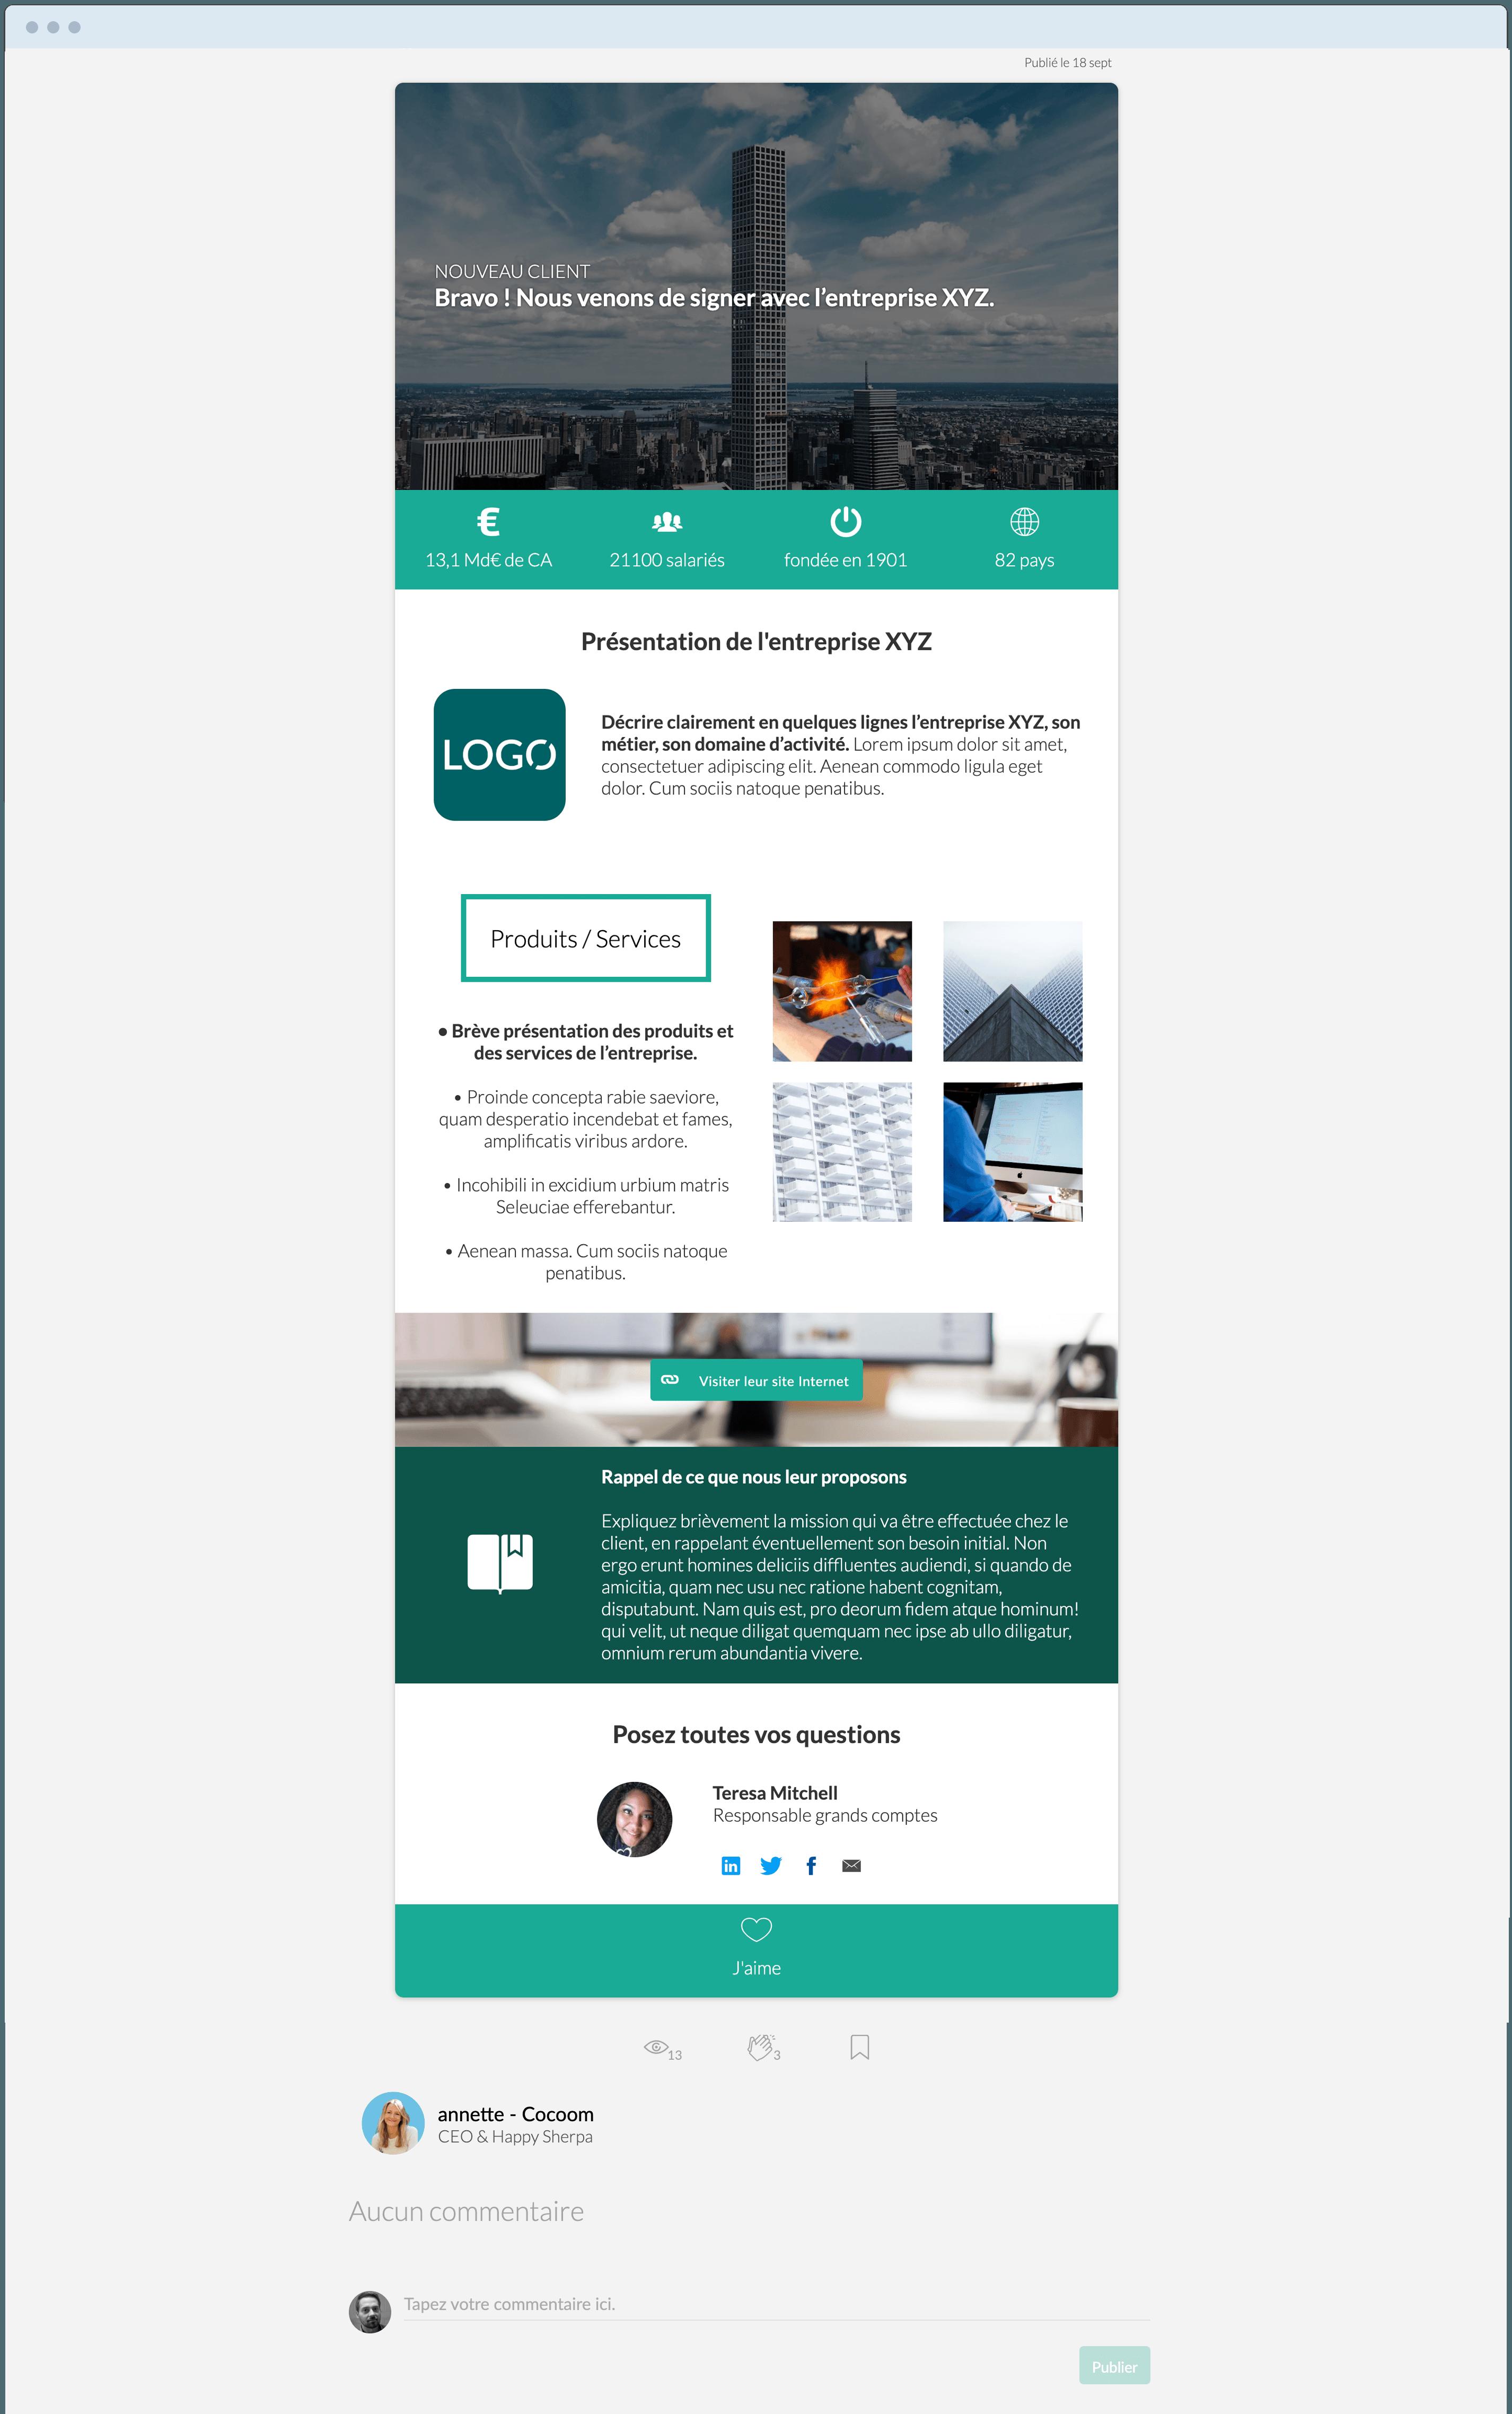 templates & modèles signature nouveau client